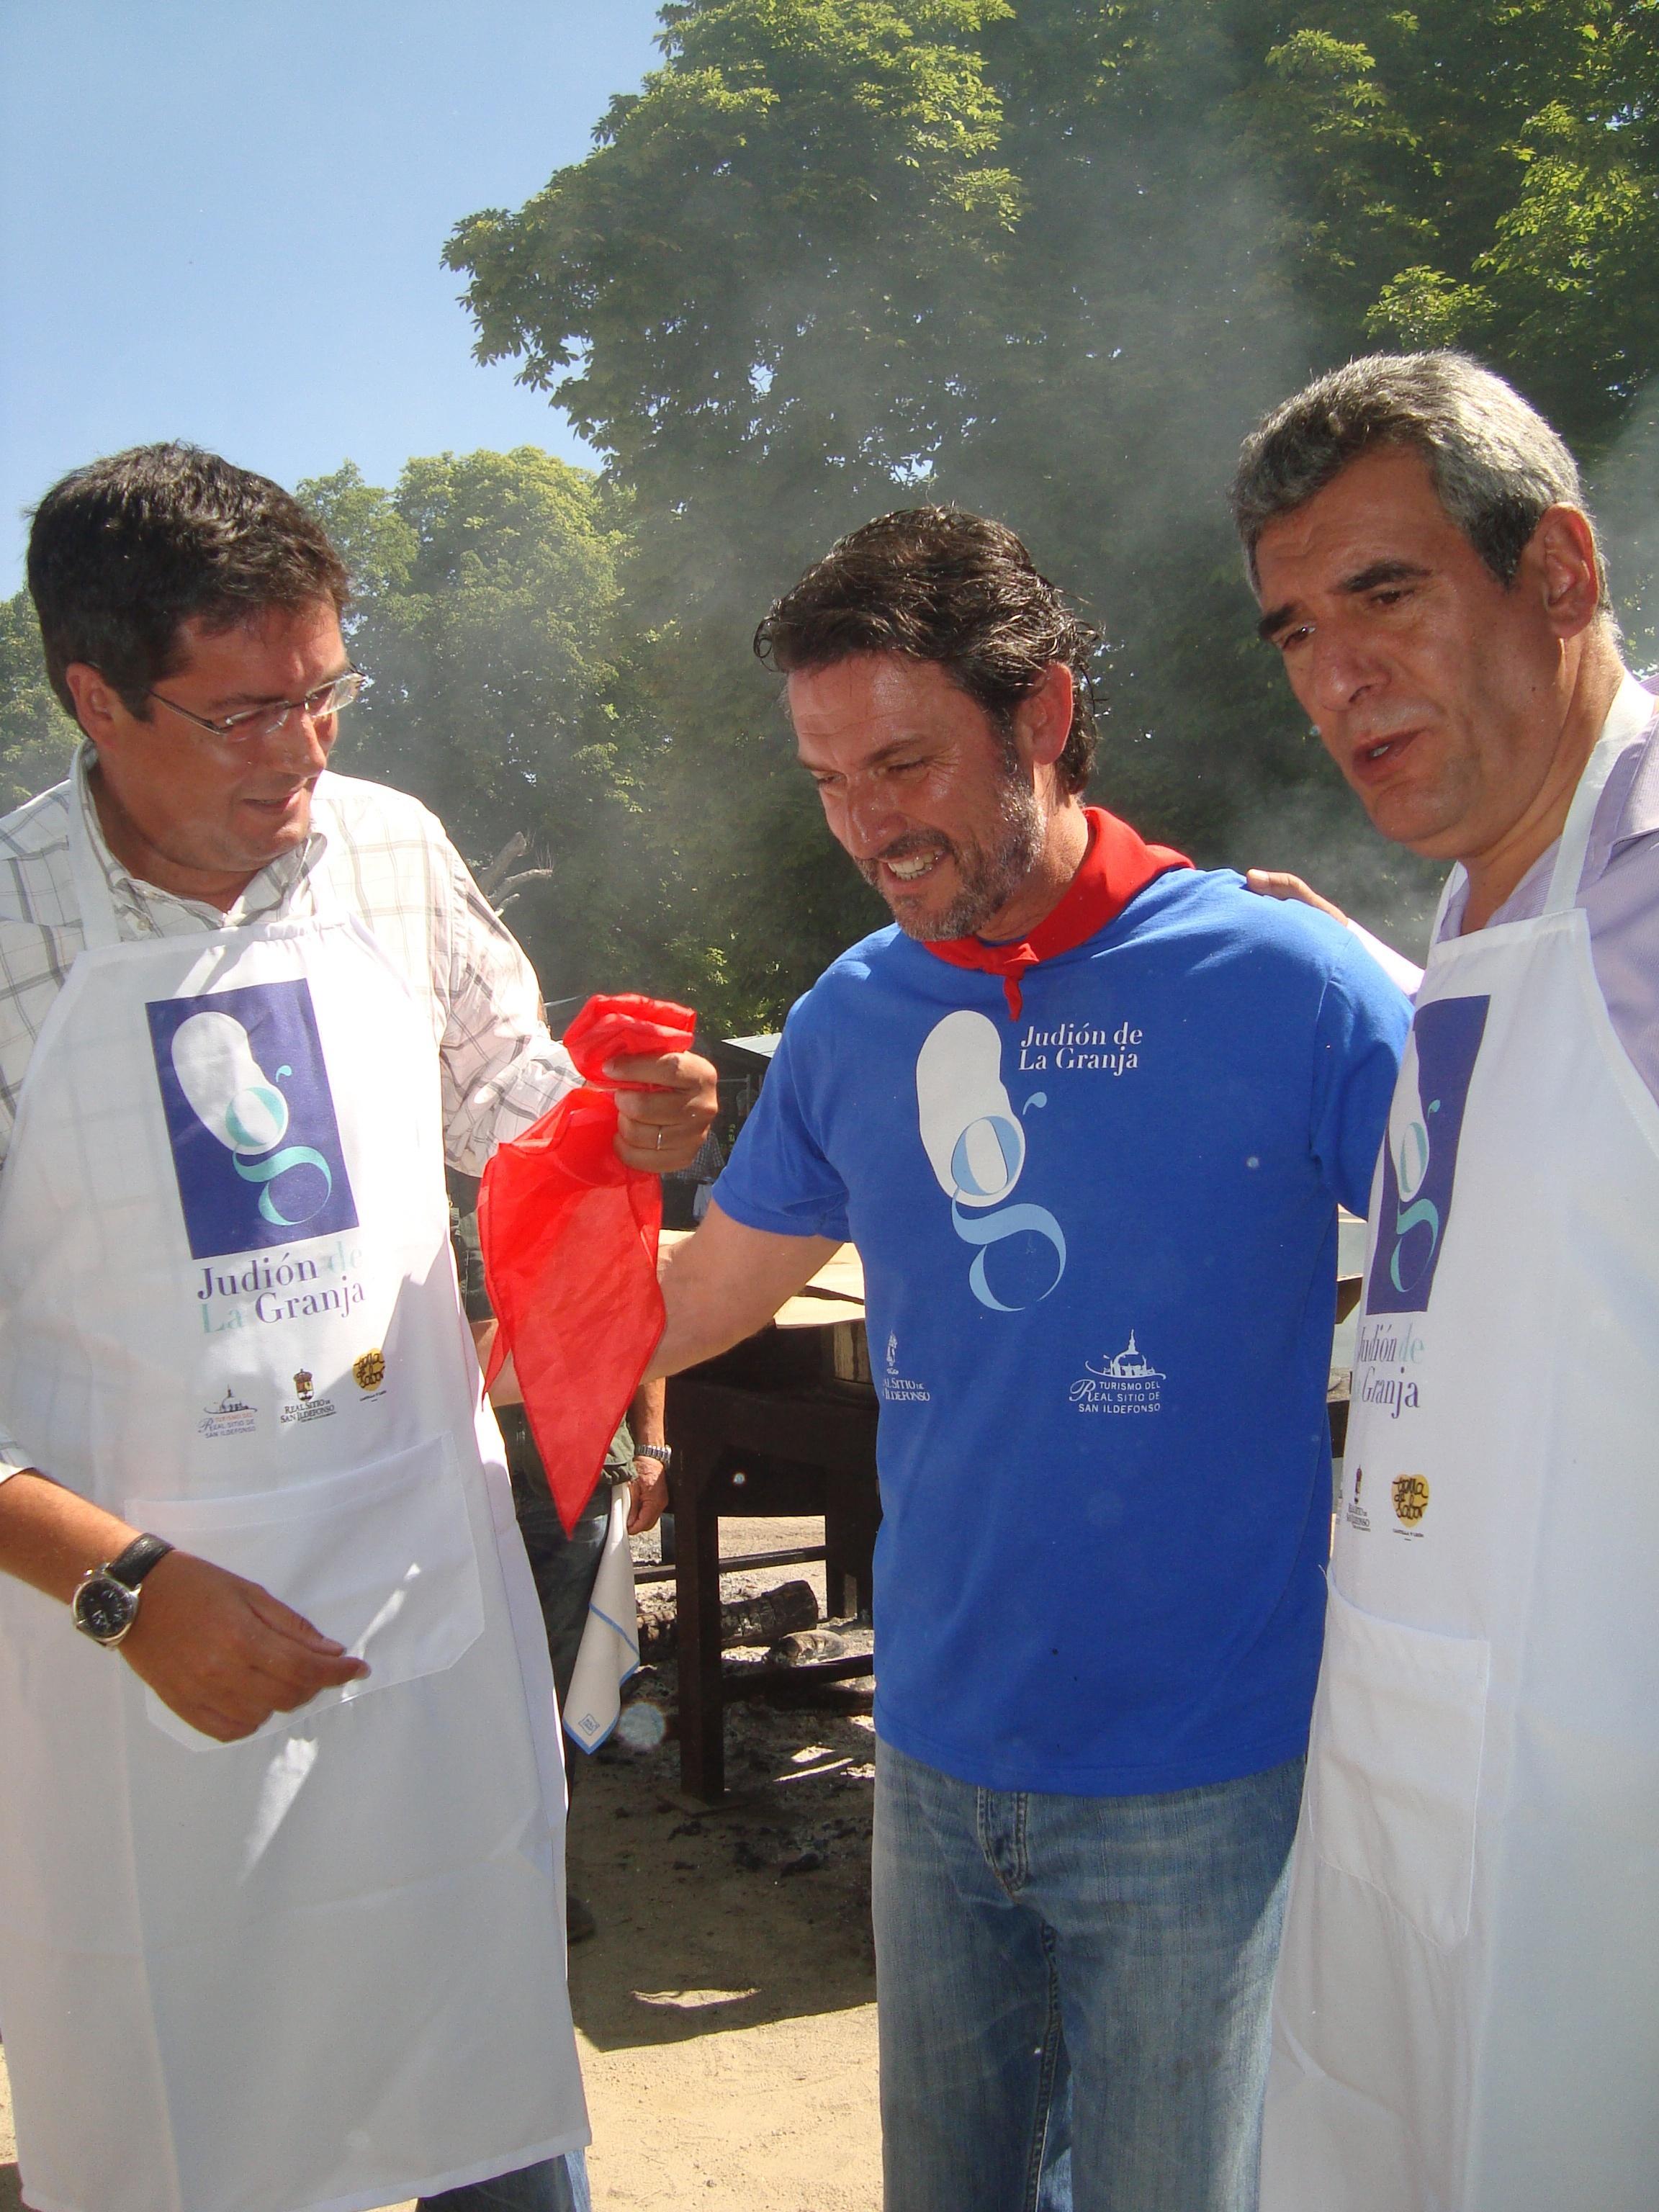 López teme que la privatización de la sanidad en la Comunidad de Madrid se extienda al resto del país